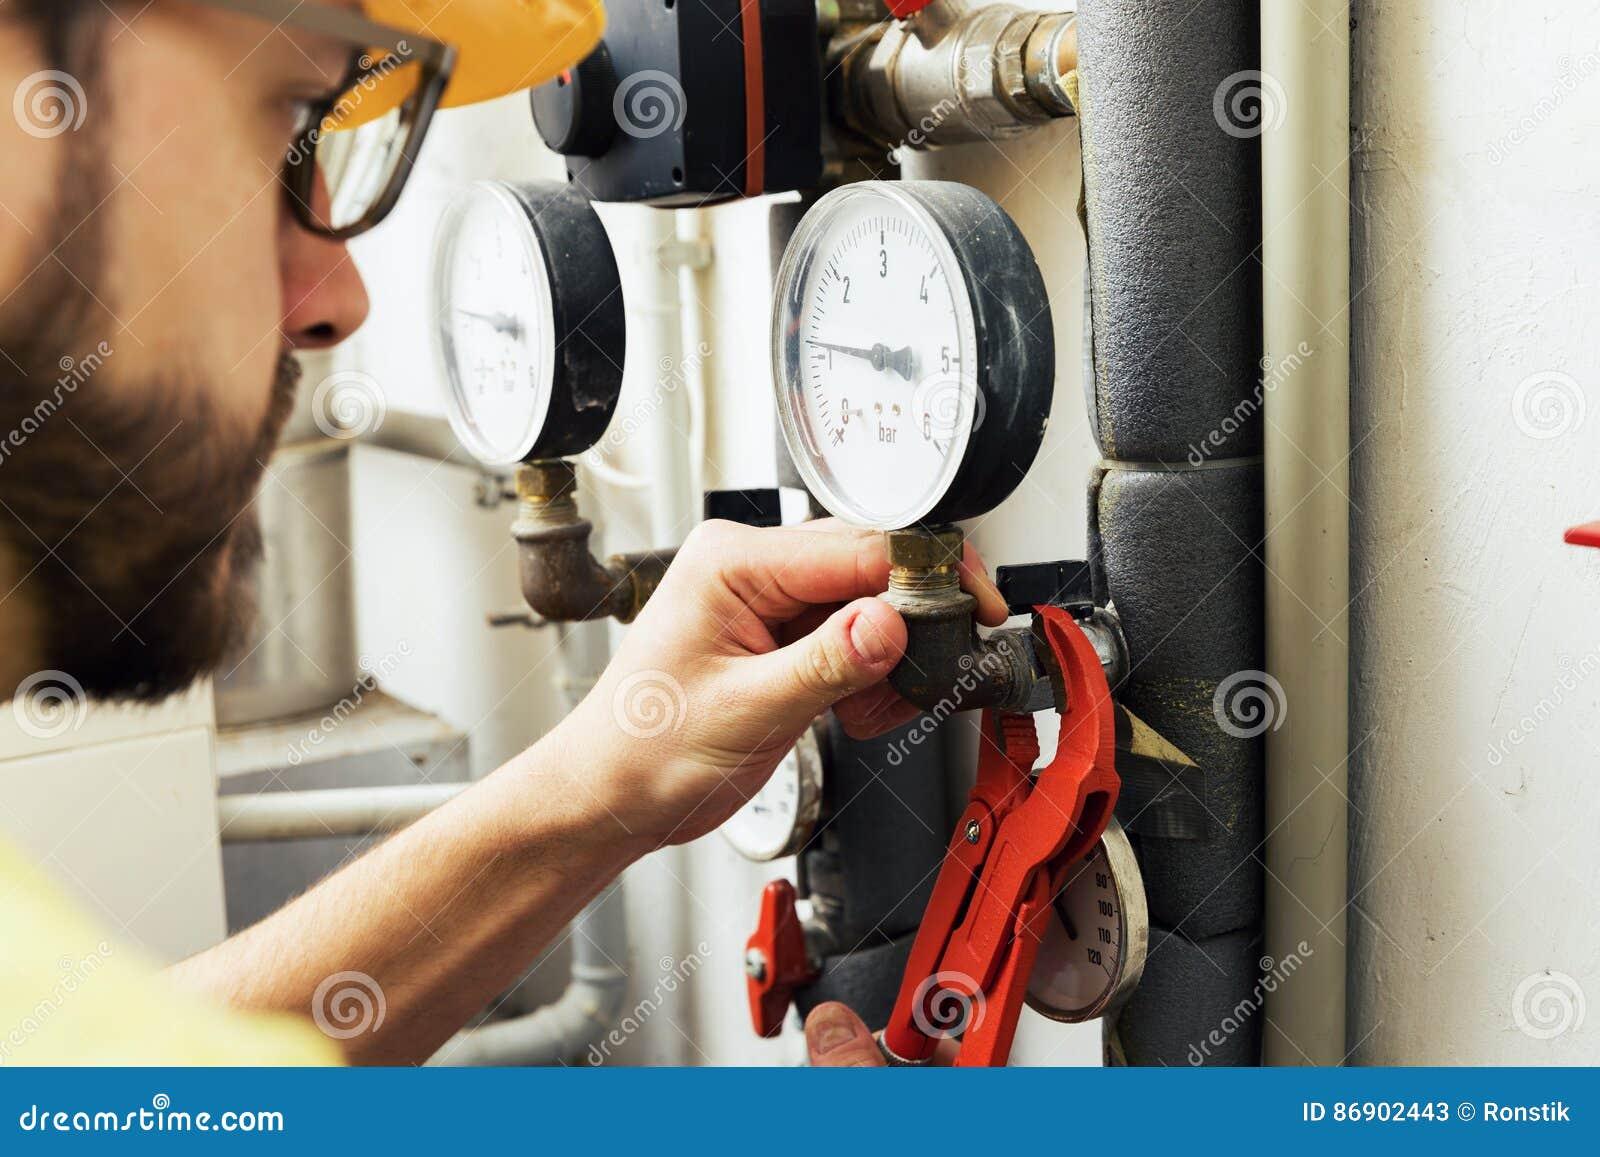 Plombier installant le mètre de pression pour le système de chauffage